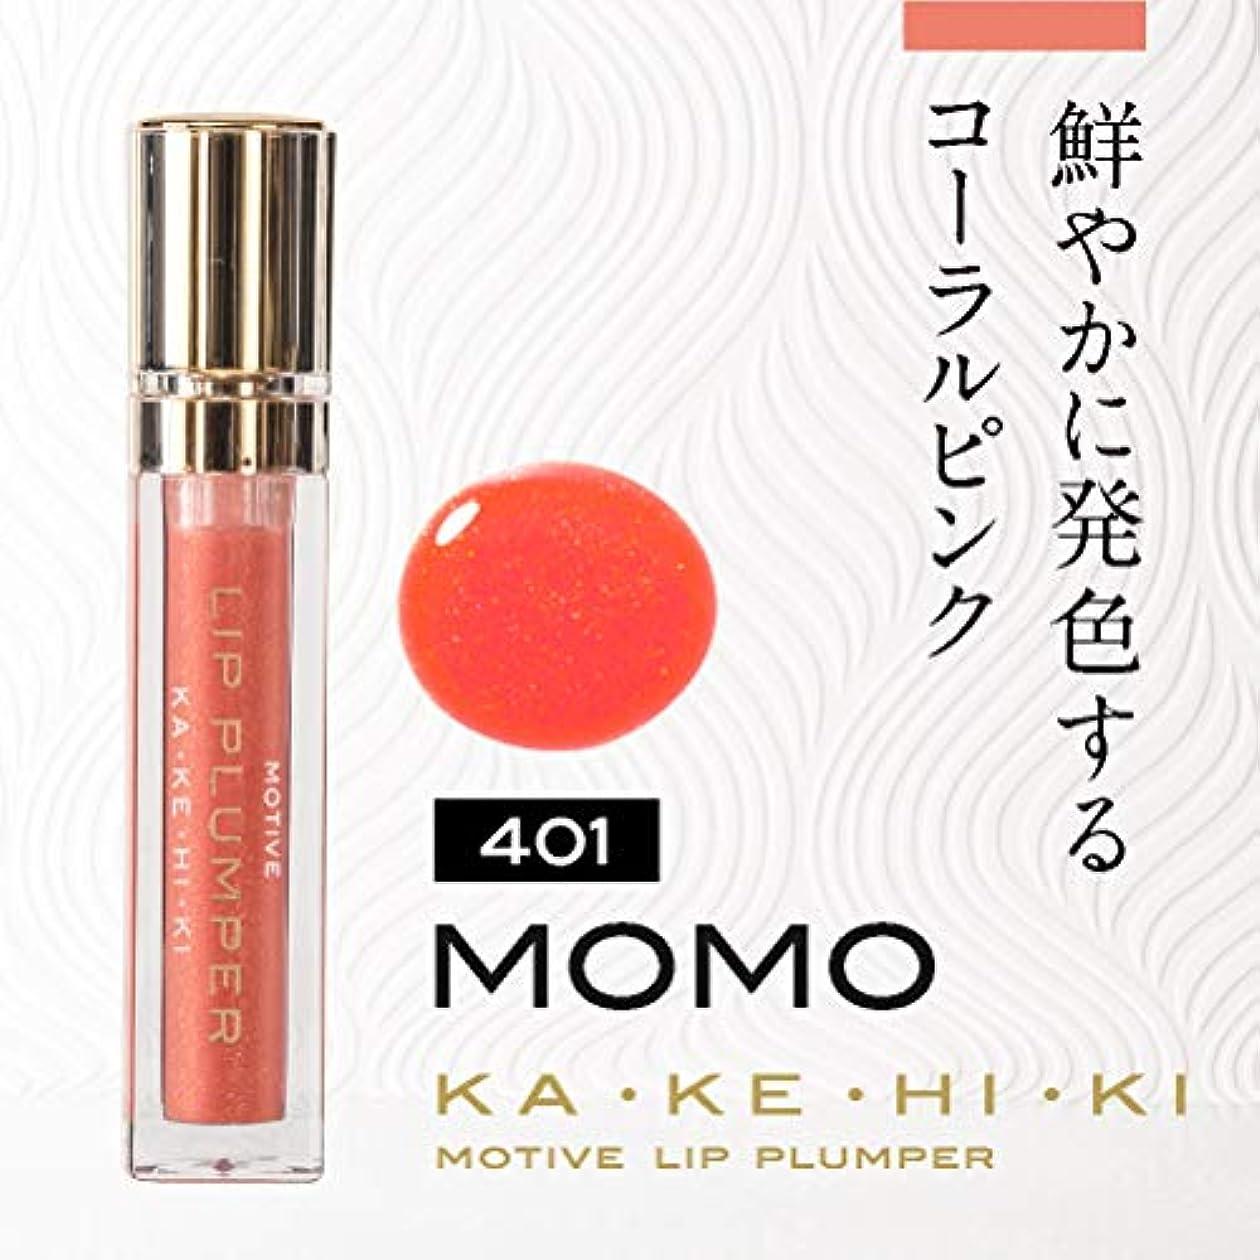 優勢飢えた地元KAKEHIKI モティブ リッププランパー (401 MOMO コーラルピンク)